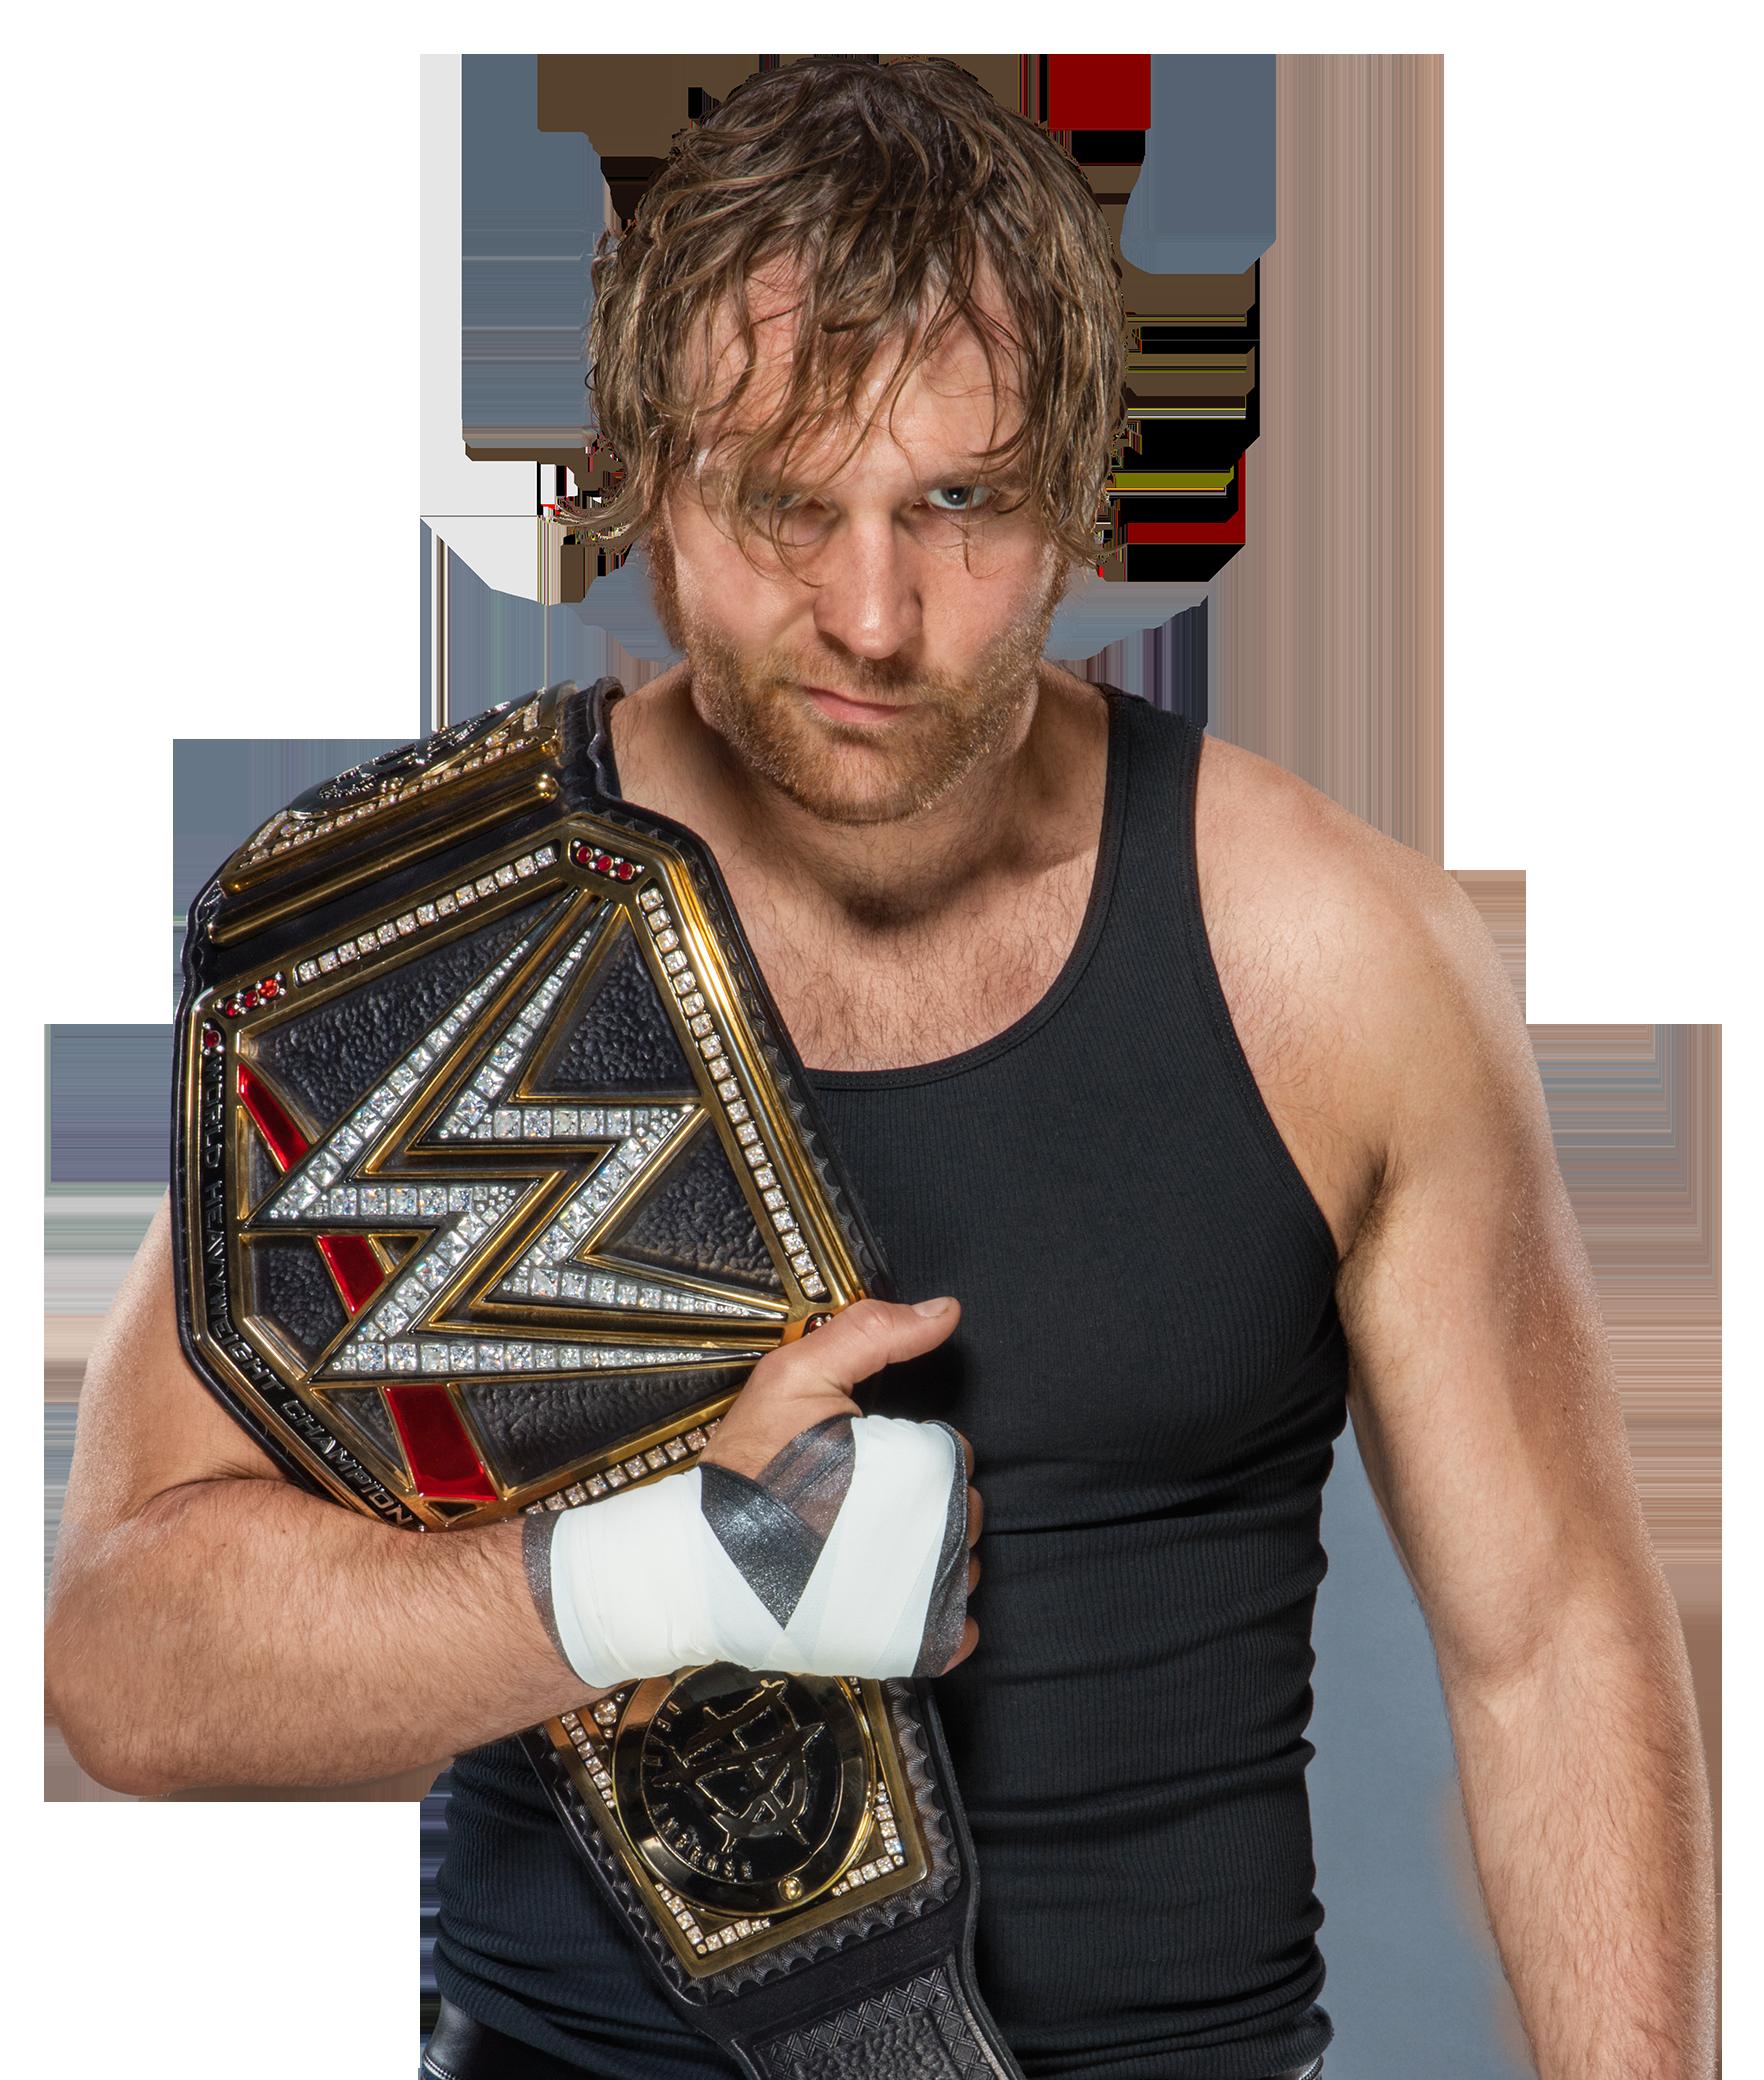 Dean Ambrose Wwe World Heavyweight Champion Big By Nibble T Da79784 Png 1764 2080 Wwe World Dean Ambrose Wwe Dean Ambrose